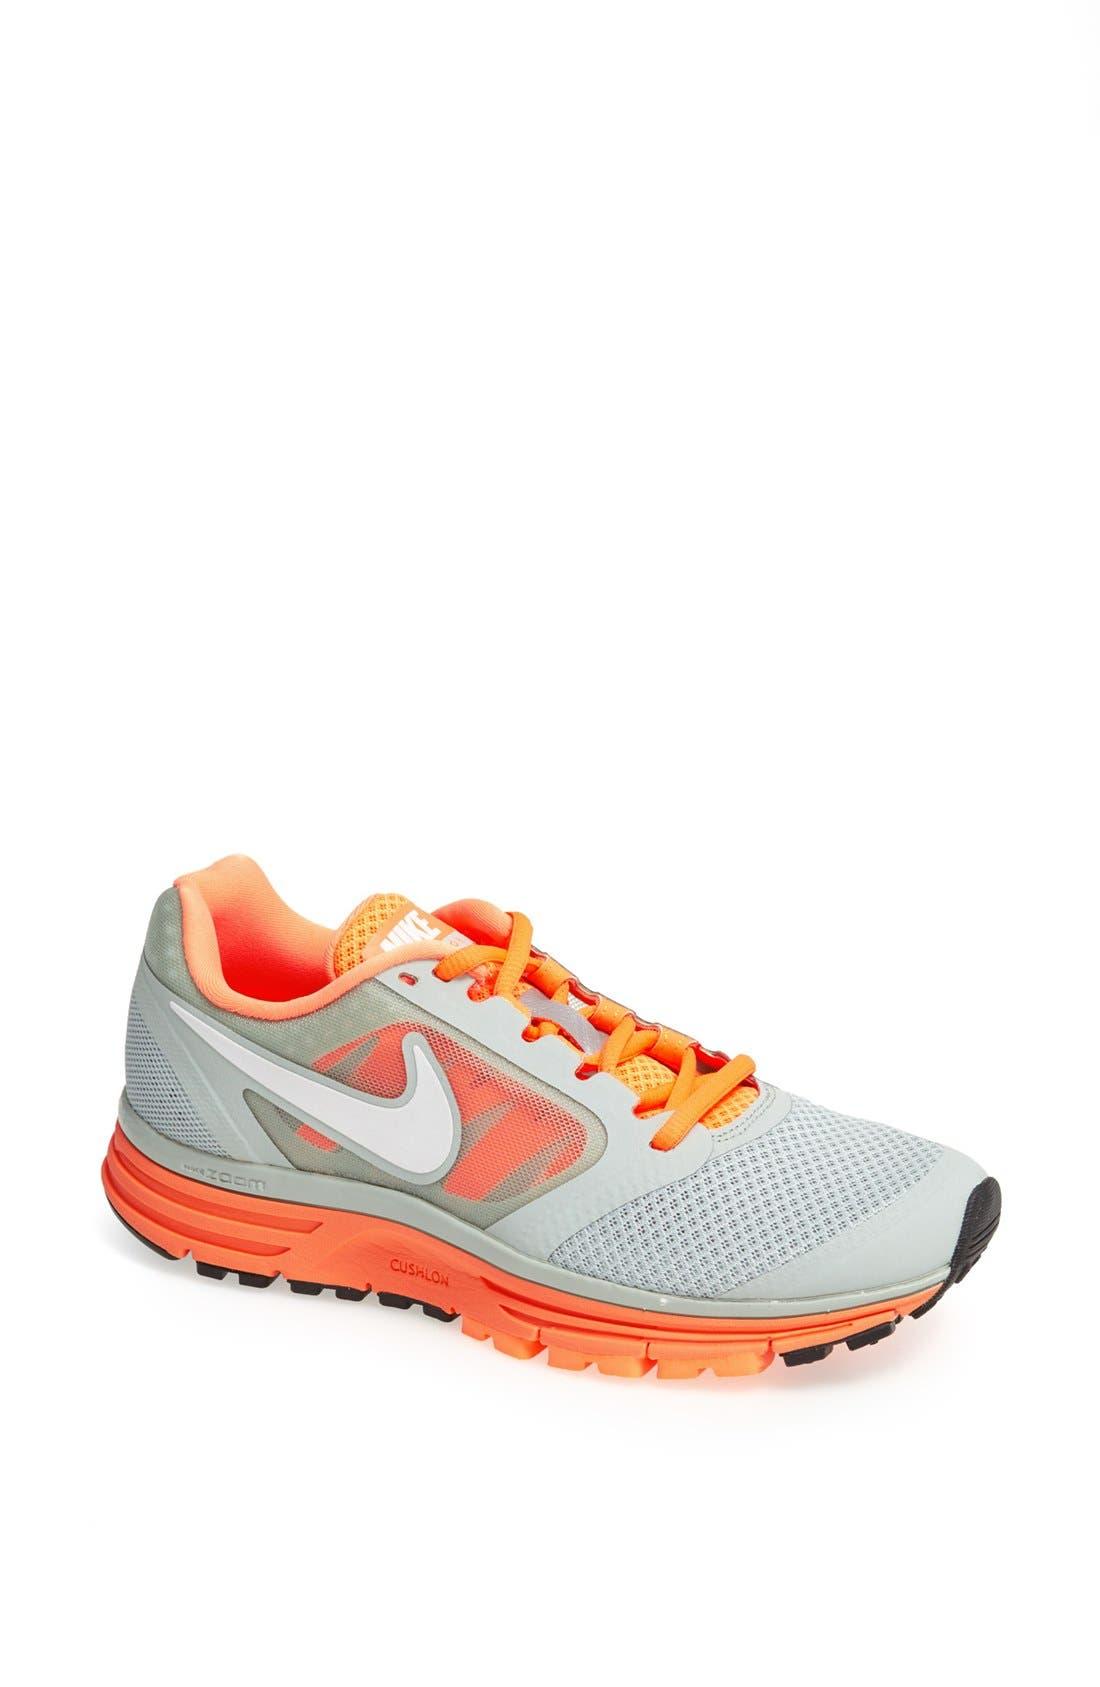 Main Image - Nike 'Zoom Vomero+ 8' Running Shoe (Women)